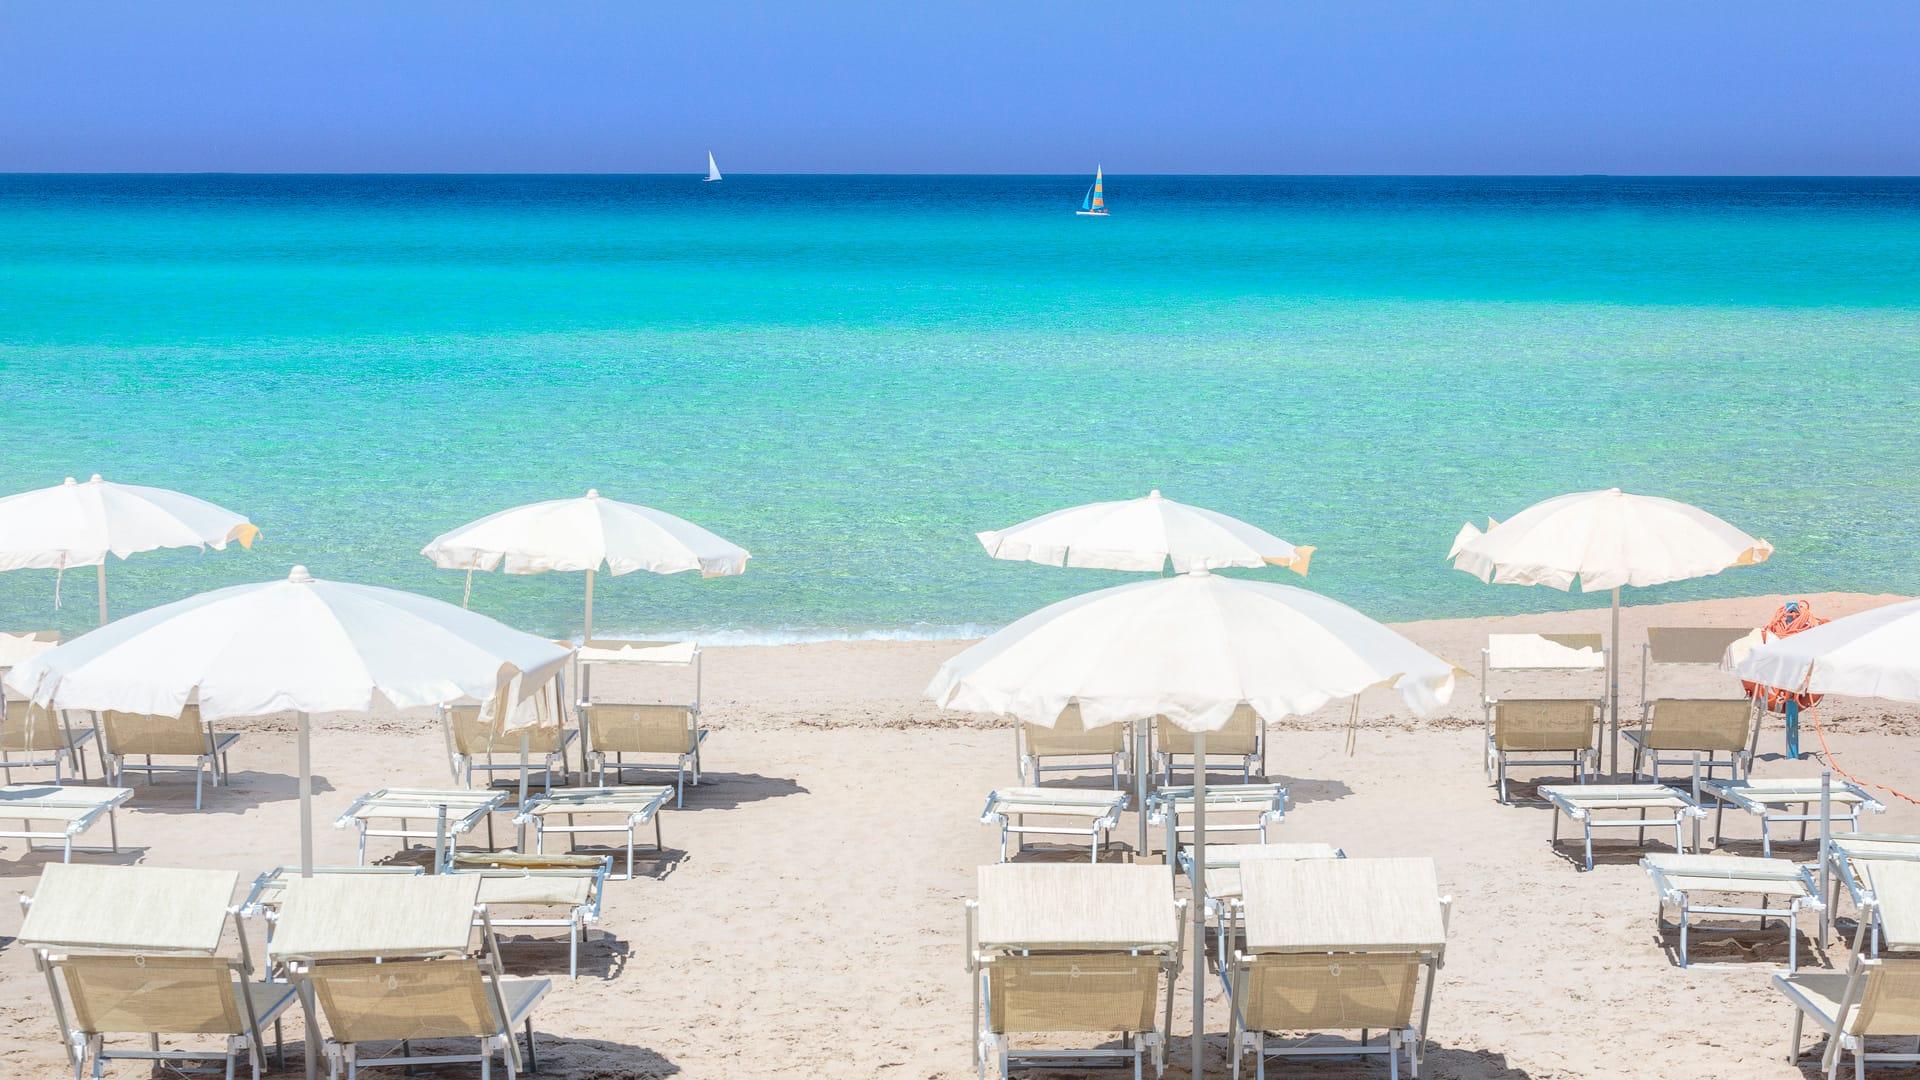 Estate, il Galateo da spiaggia: ecco le dieci regole